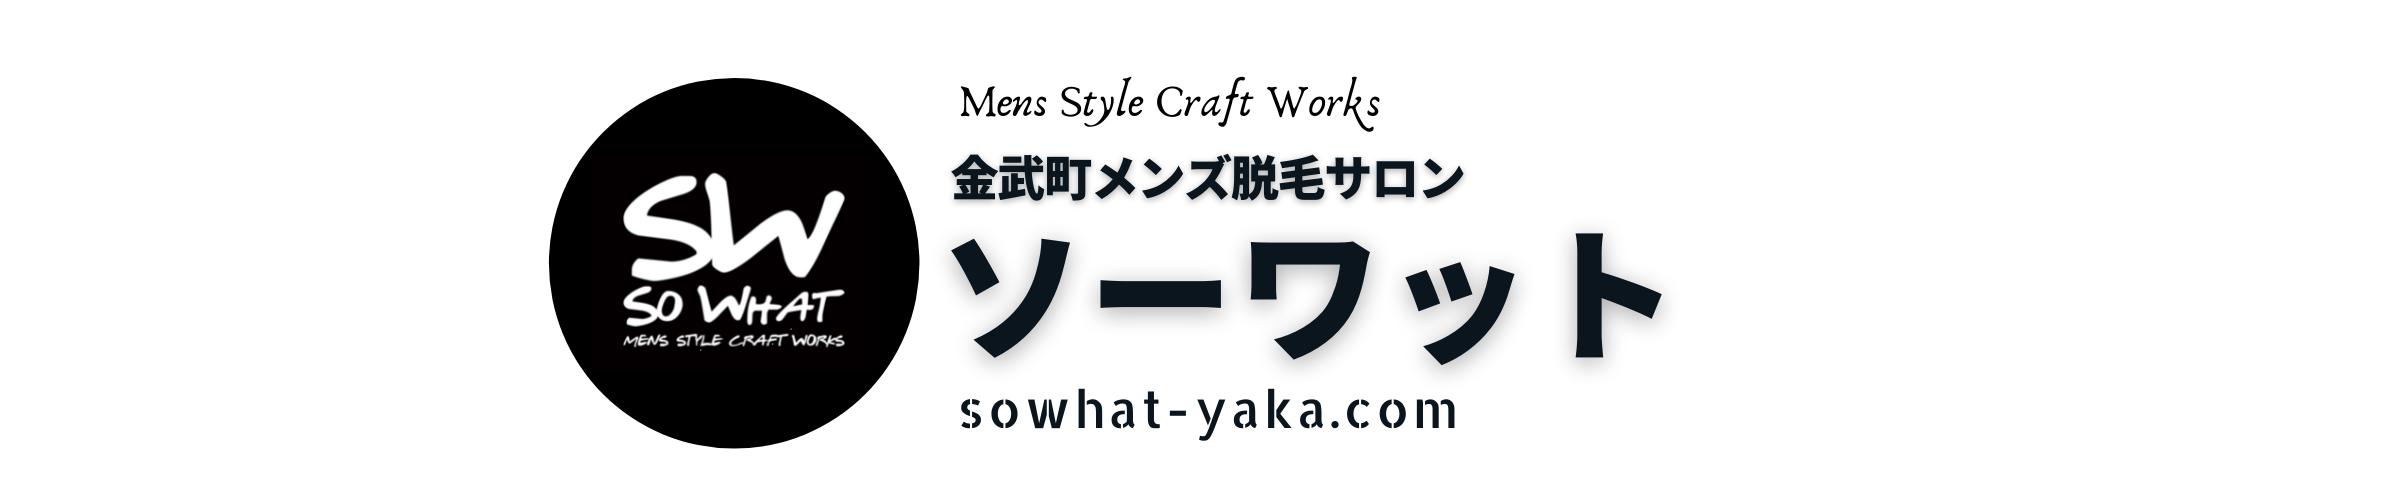 メンズ脱毛サロンSo Whatうるま店|初めてのヒゲ脱毛〜沖縄メンズ脱毛専門店